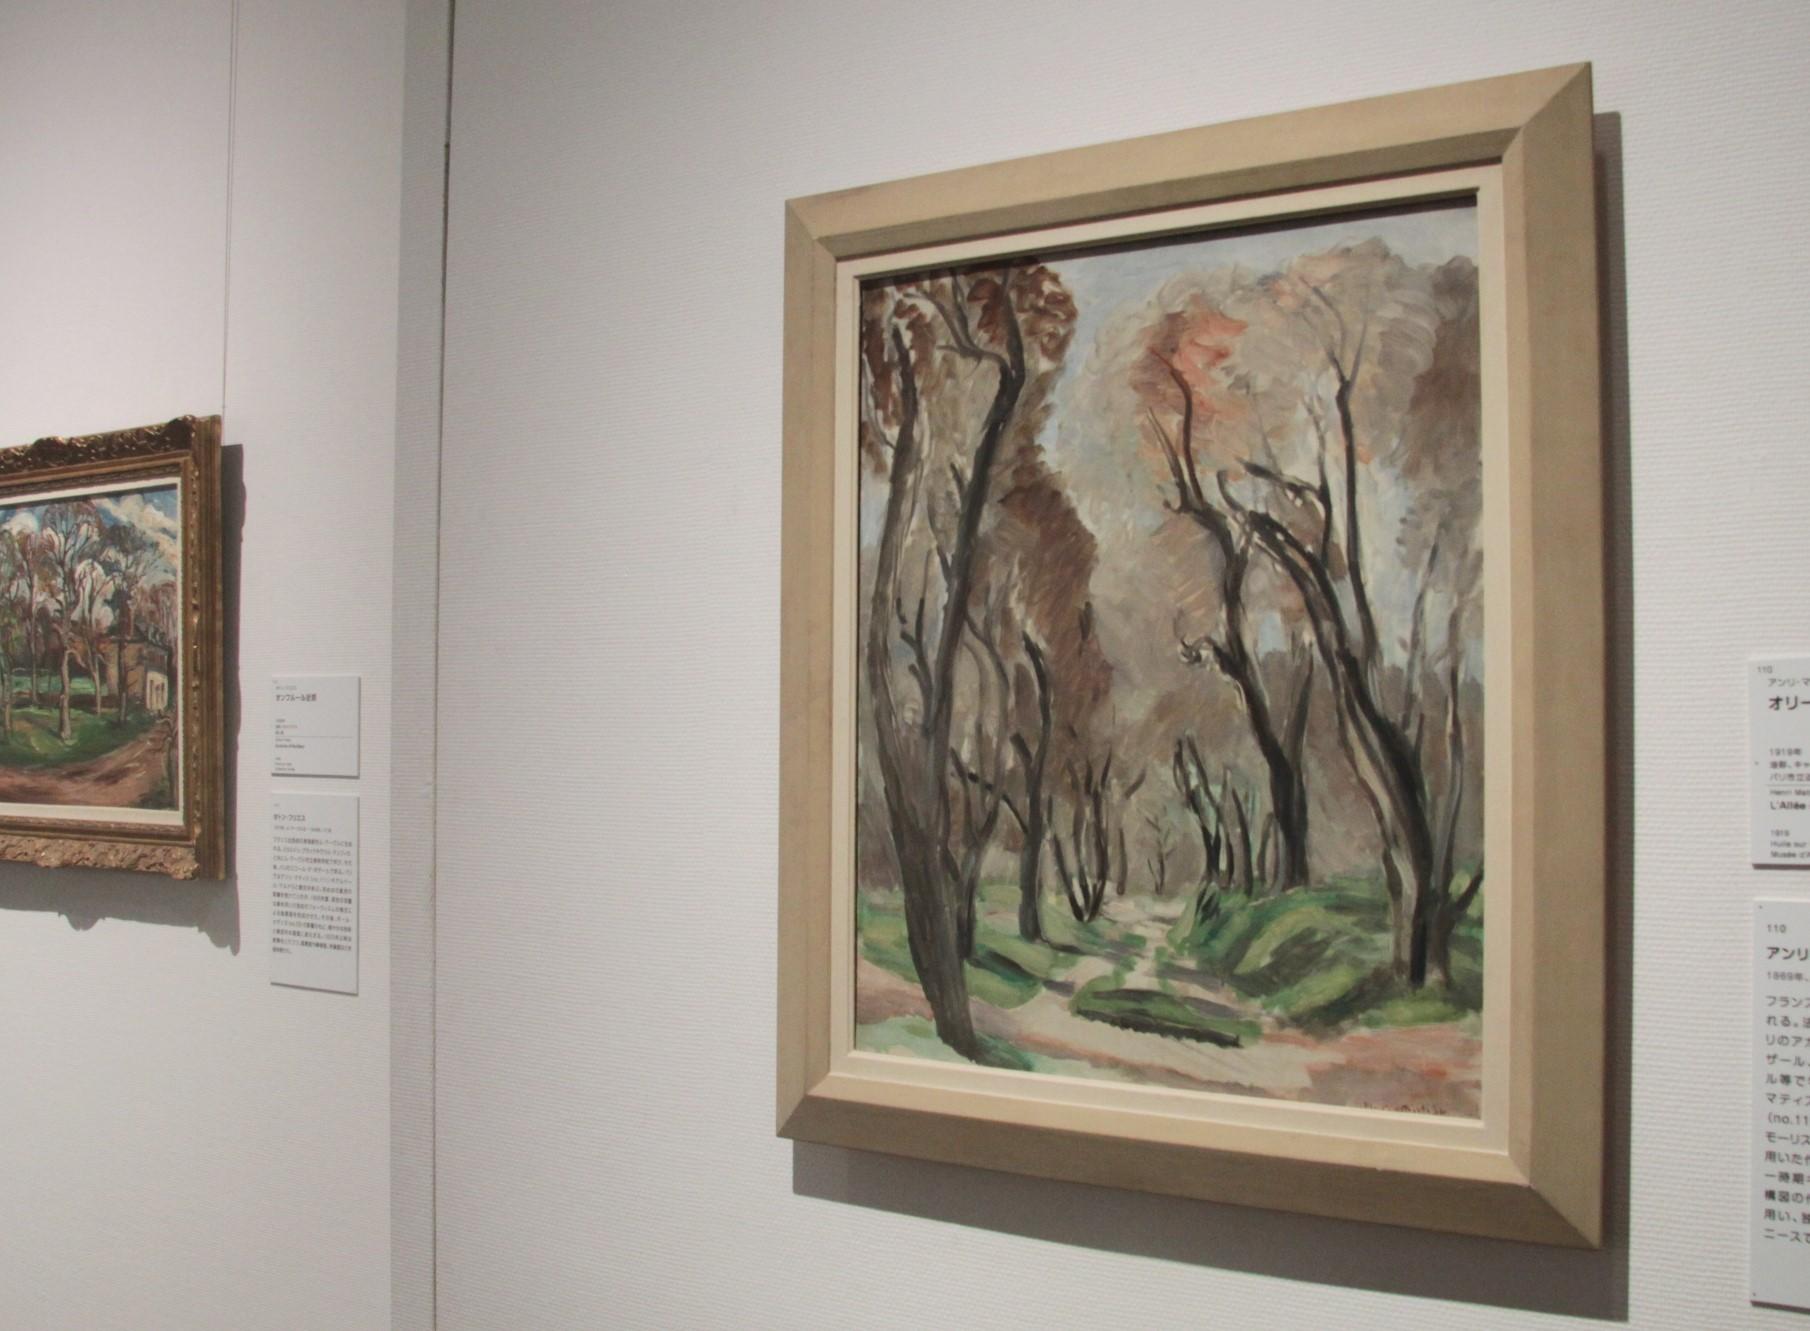 アンリ・マティス《オリーヴの並木路》1919年 パリ市立近代美術館蔵